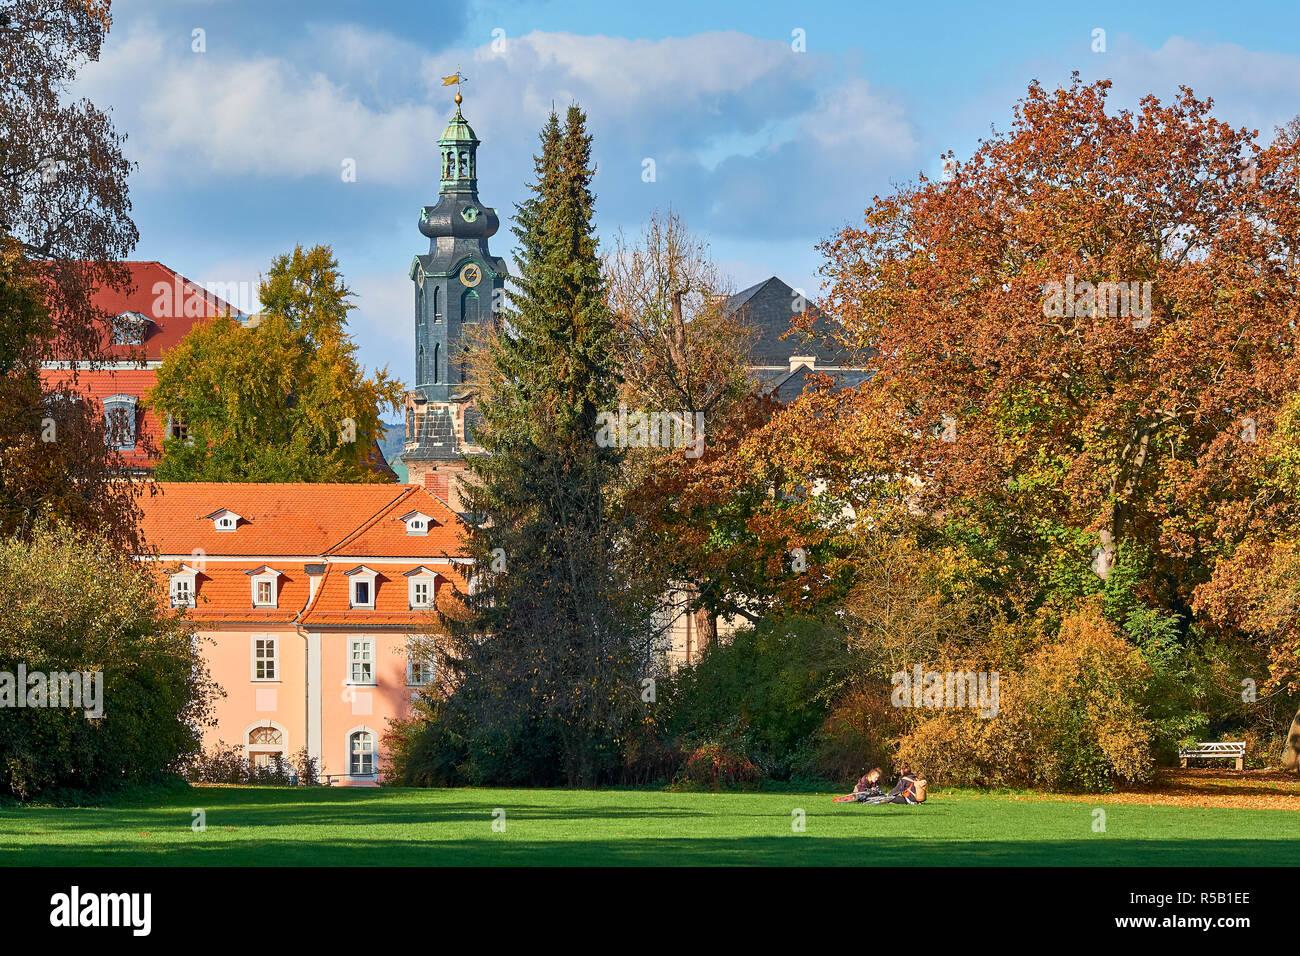 Haus der Frau von Stein mit Burgturm, Weimar, Thüringen Stockbild